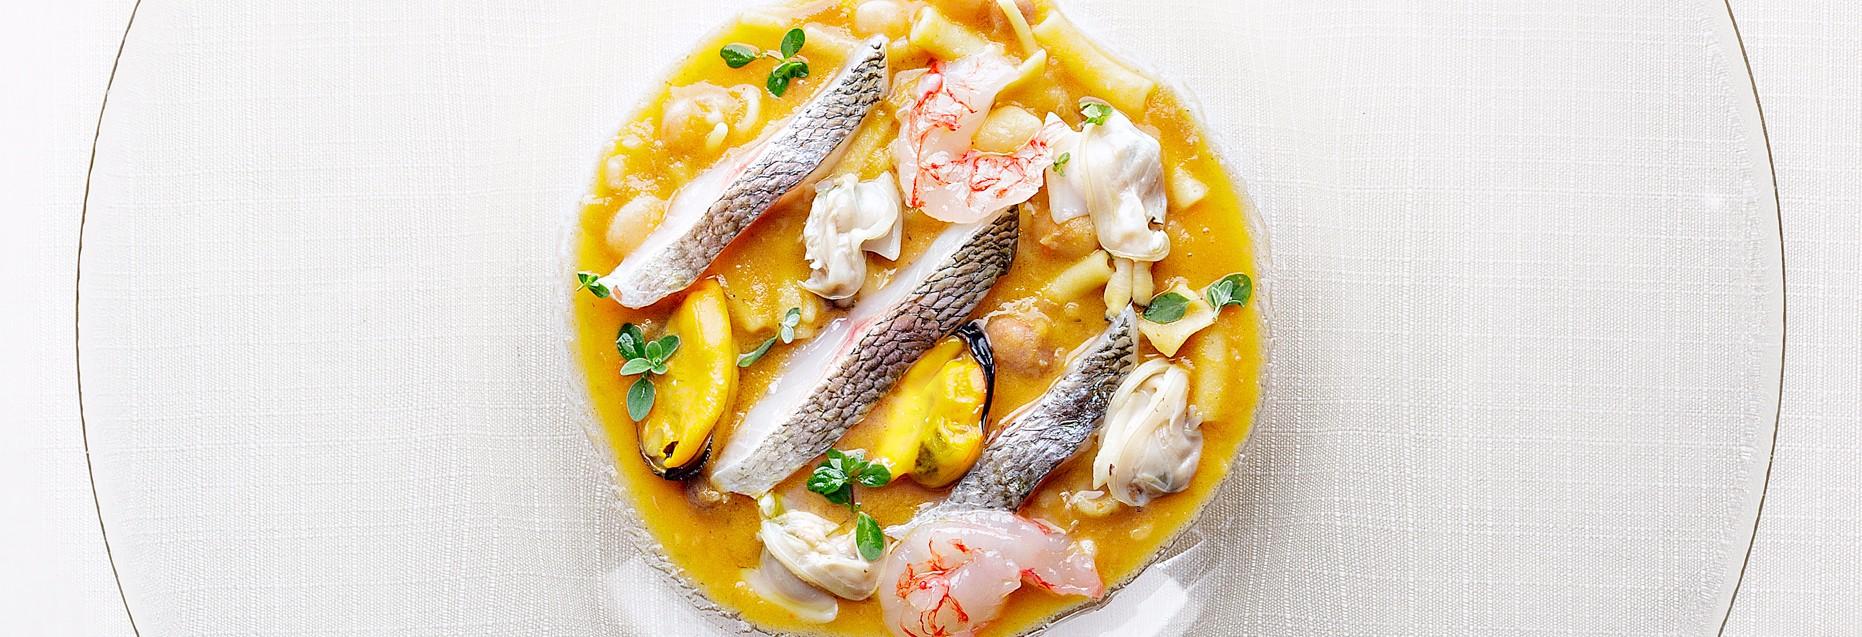 Minestra di fagioli di Tiana, pasta tagliata, Nieddittas e pesce: scopri di più.